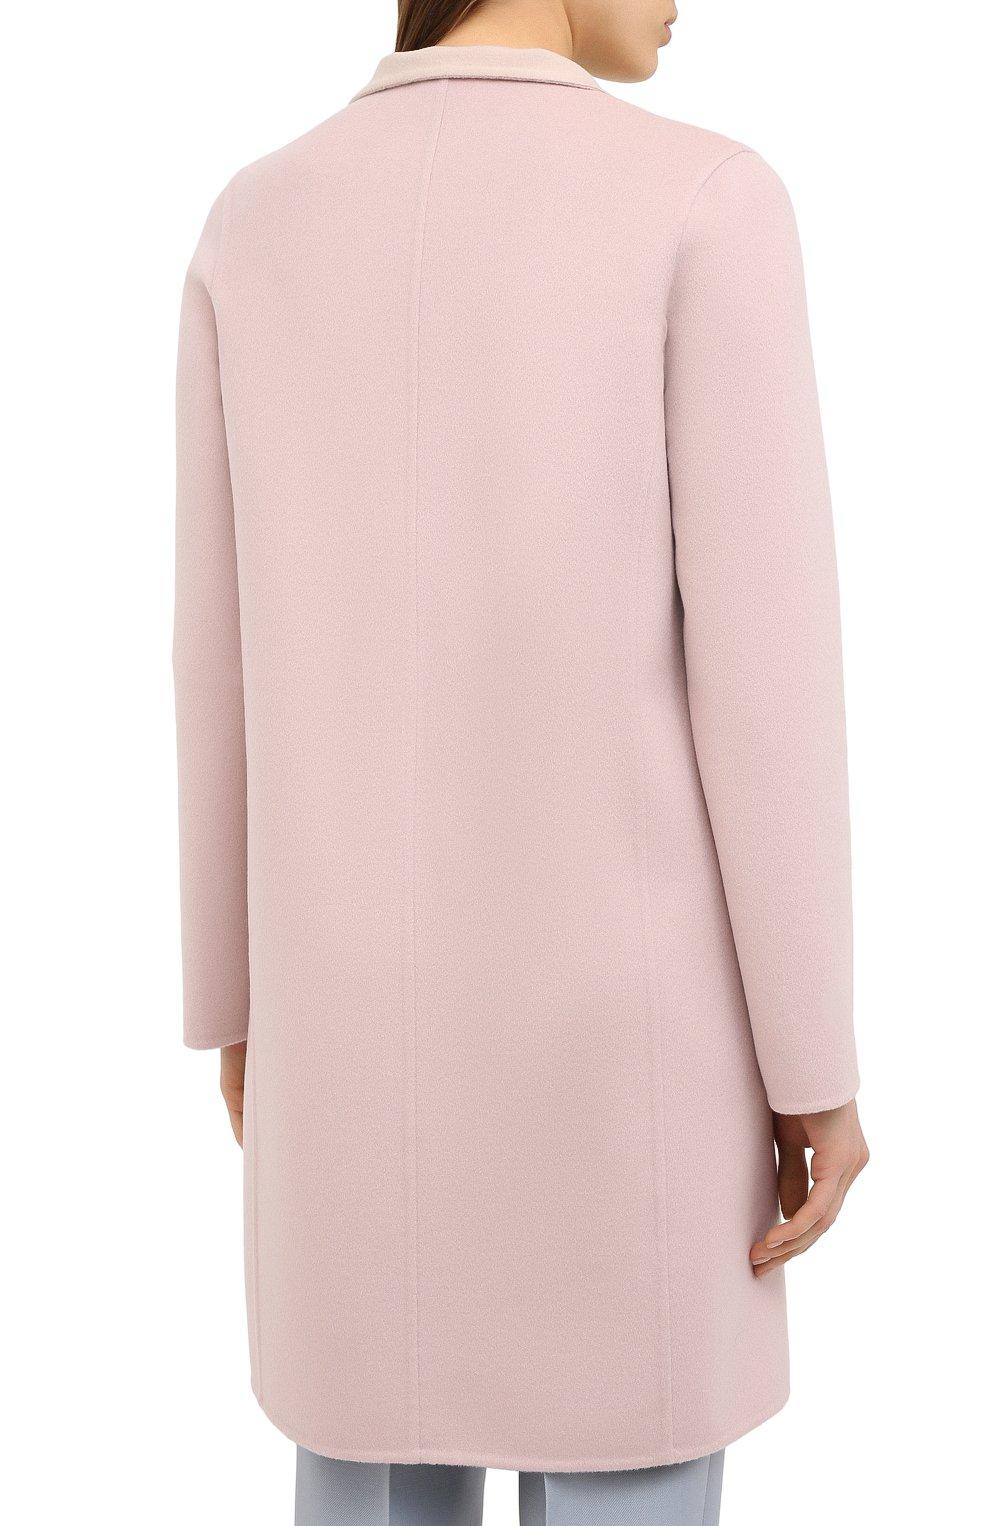 Женское пальто из шерсти и кашемира MANZONI24 светло-розового цвета, арт. 20M557-DB1/38-46 | Фото 5